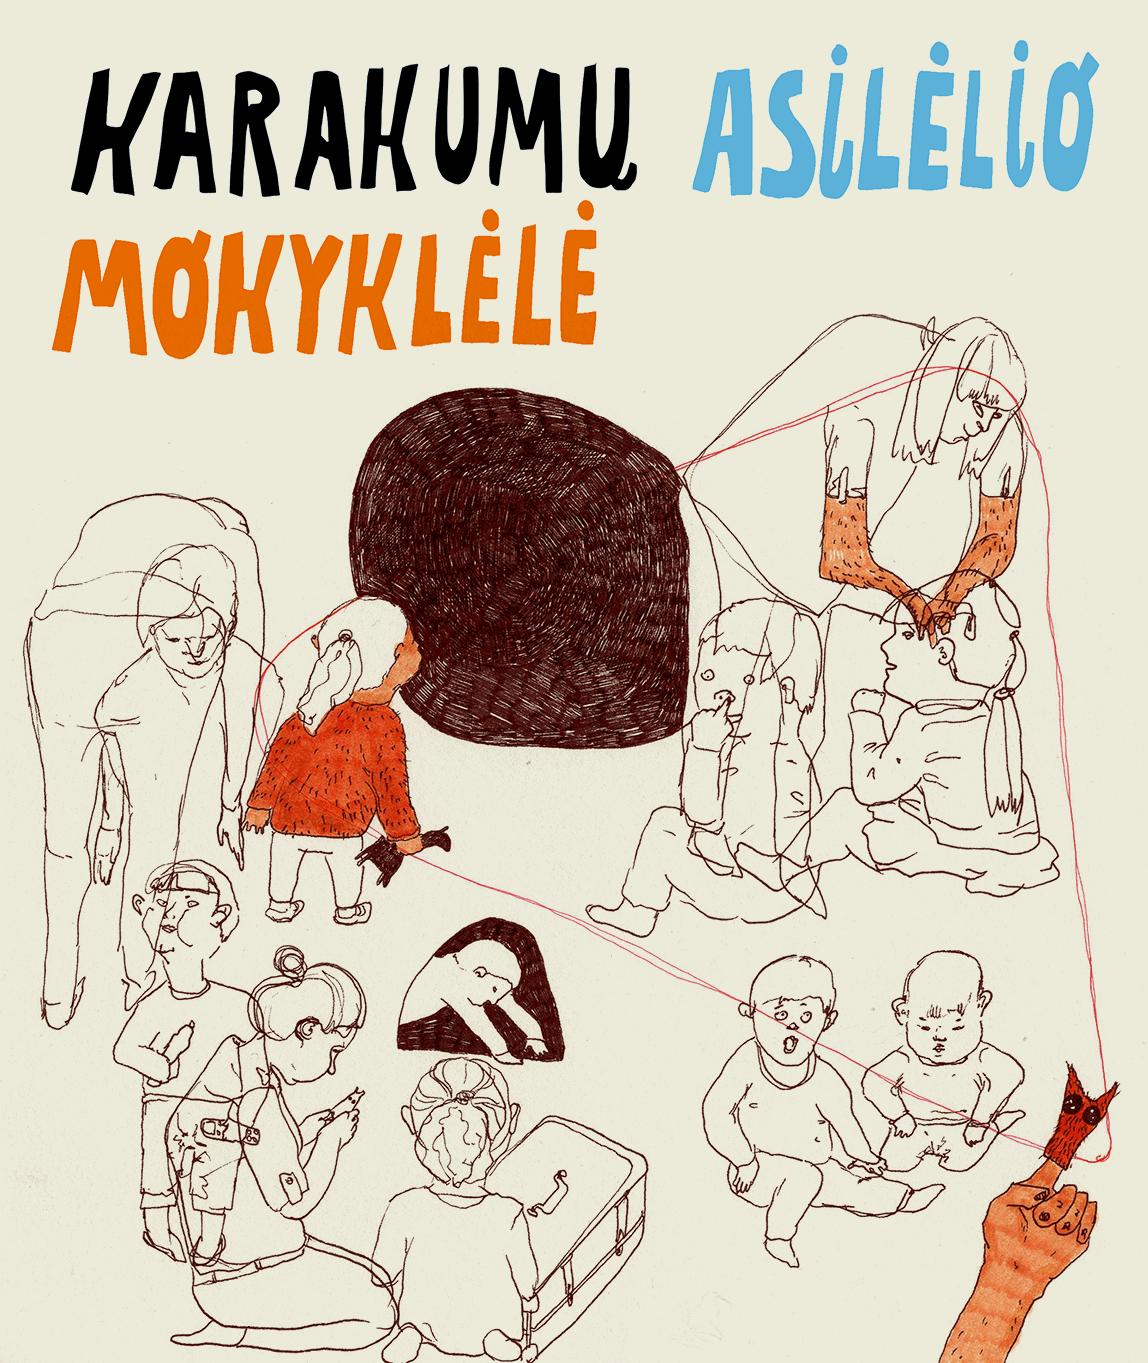 karakumu-asilelio-mokyklele